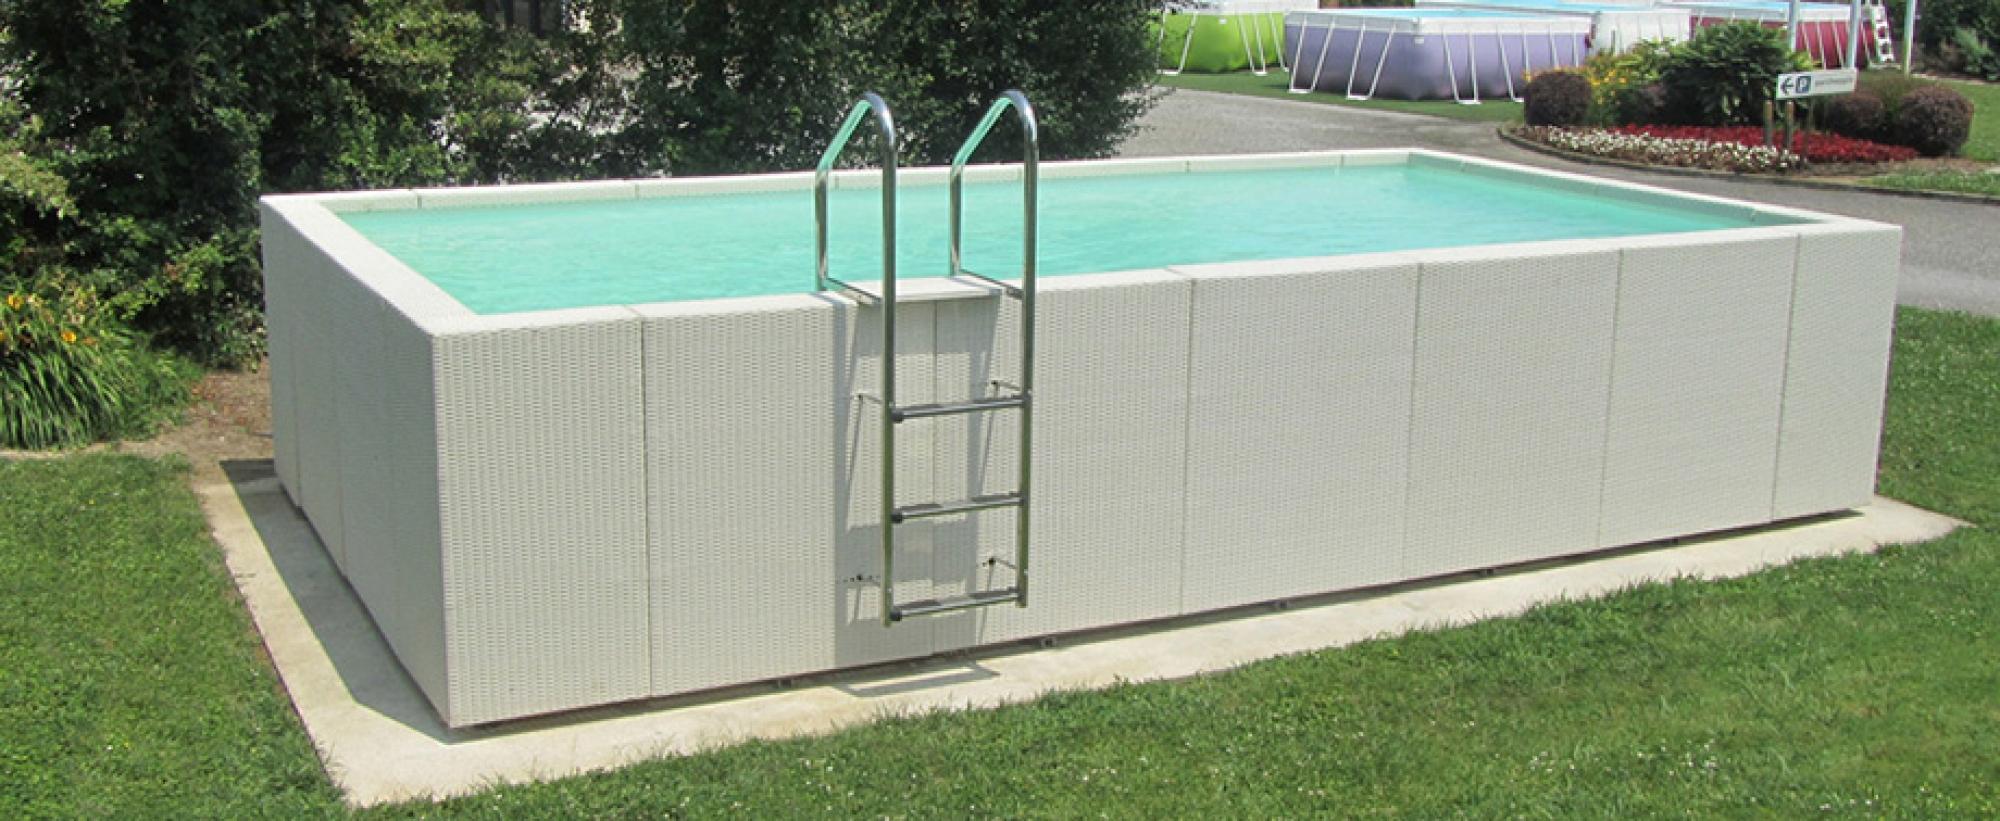 Dolce Vita Diva, Aquarev'piscines Choisit L'élégance Pour ... intérieur Mini Piscine Hors Sol